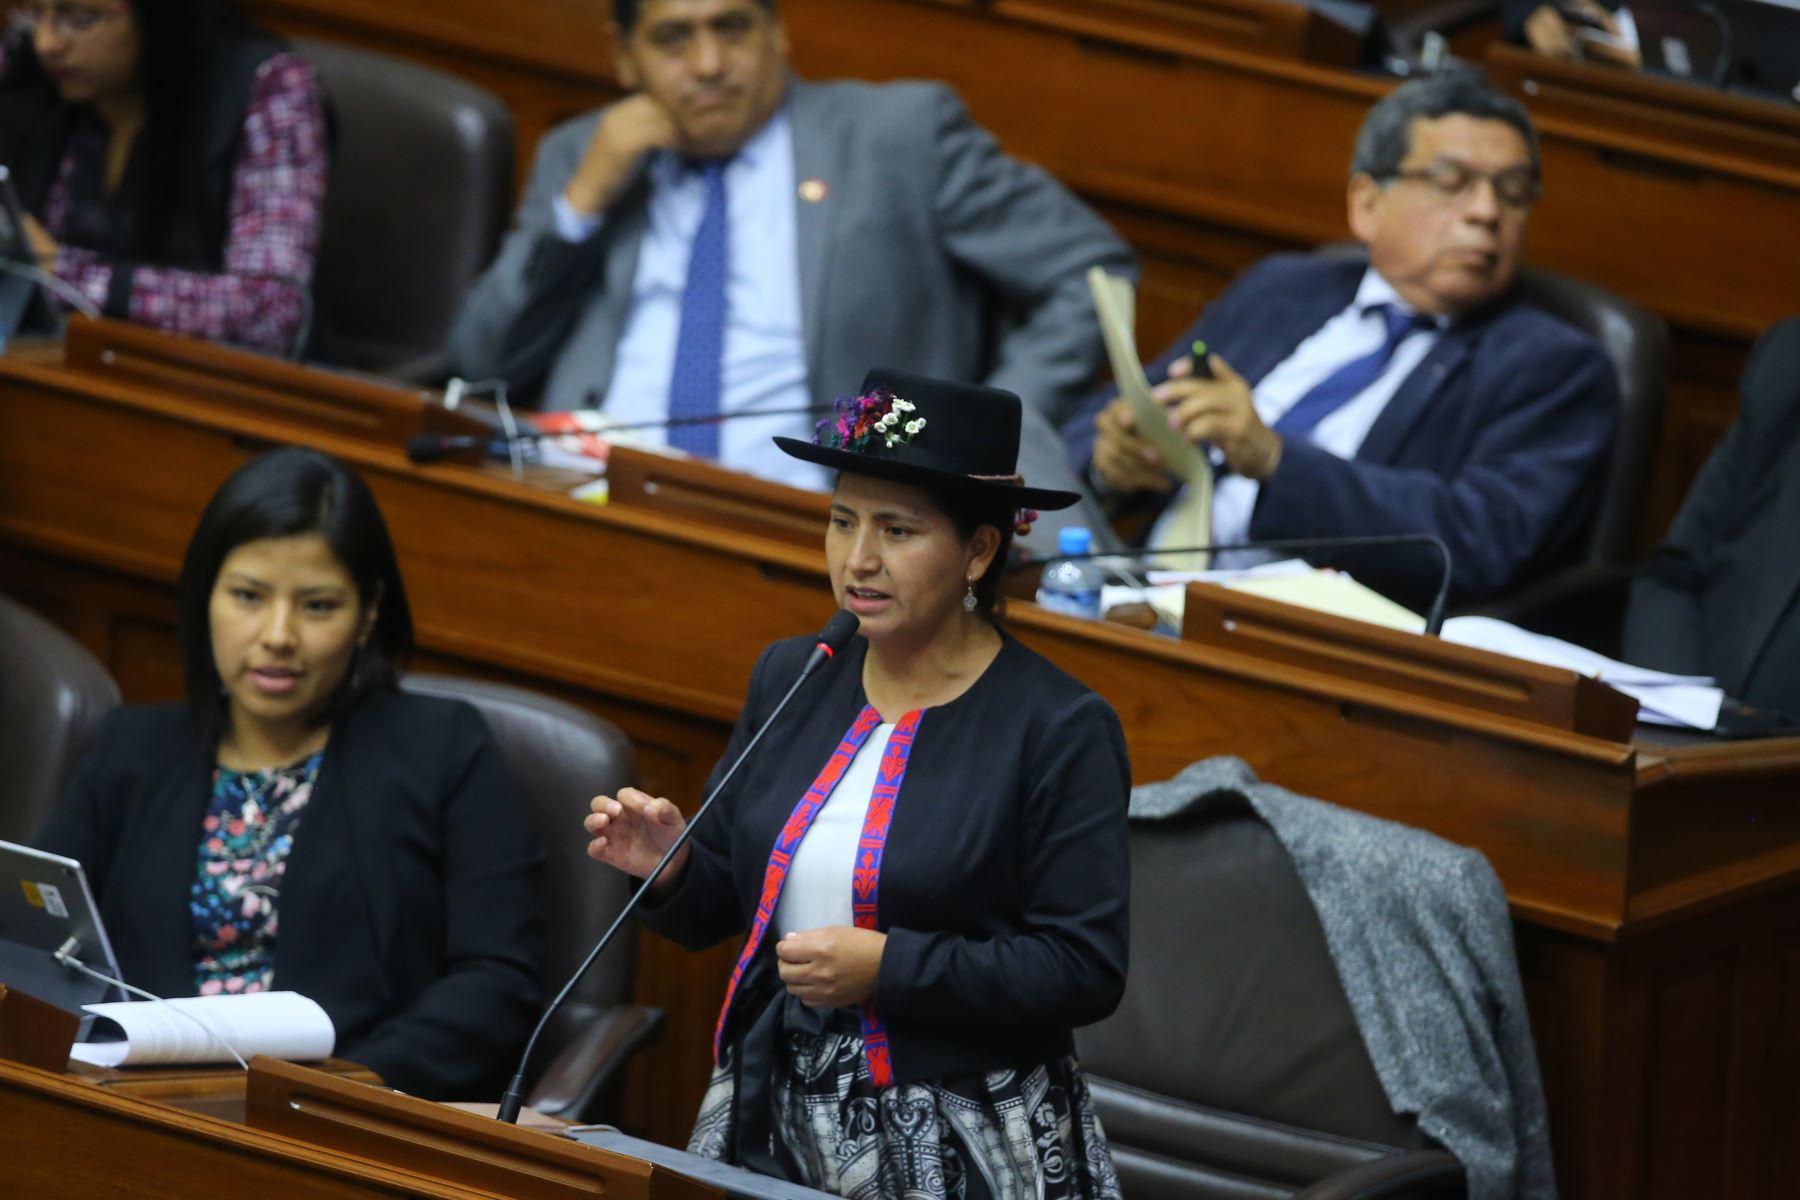 Congresista Tania Pariona interviene en el debate sobre la cuestión de confianza en el Congreso de la República. Foto: ANDINA/Vidal Tarqui